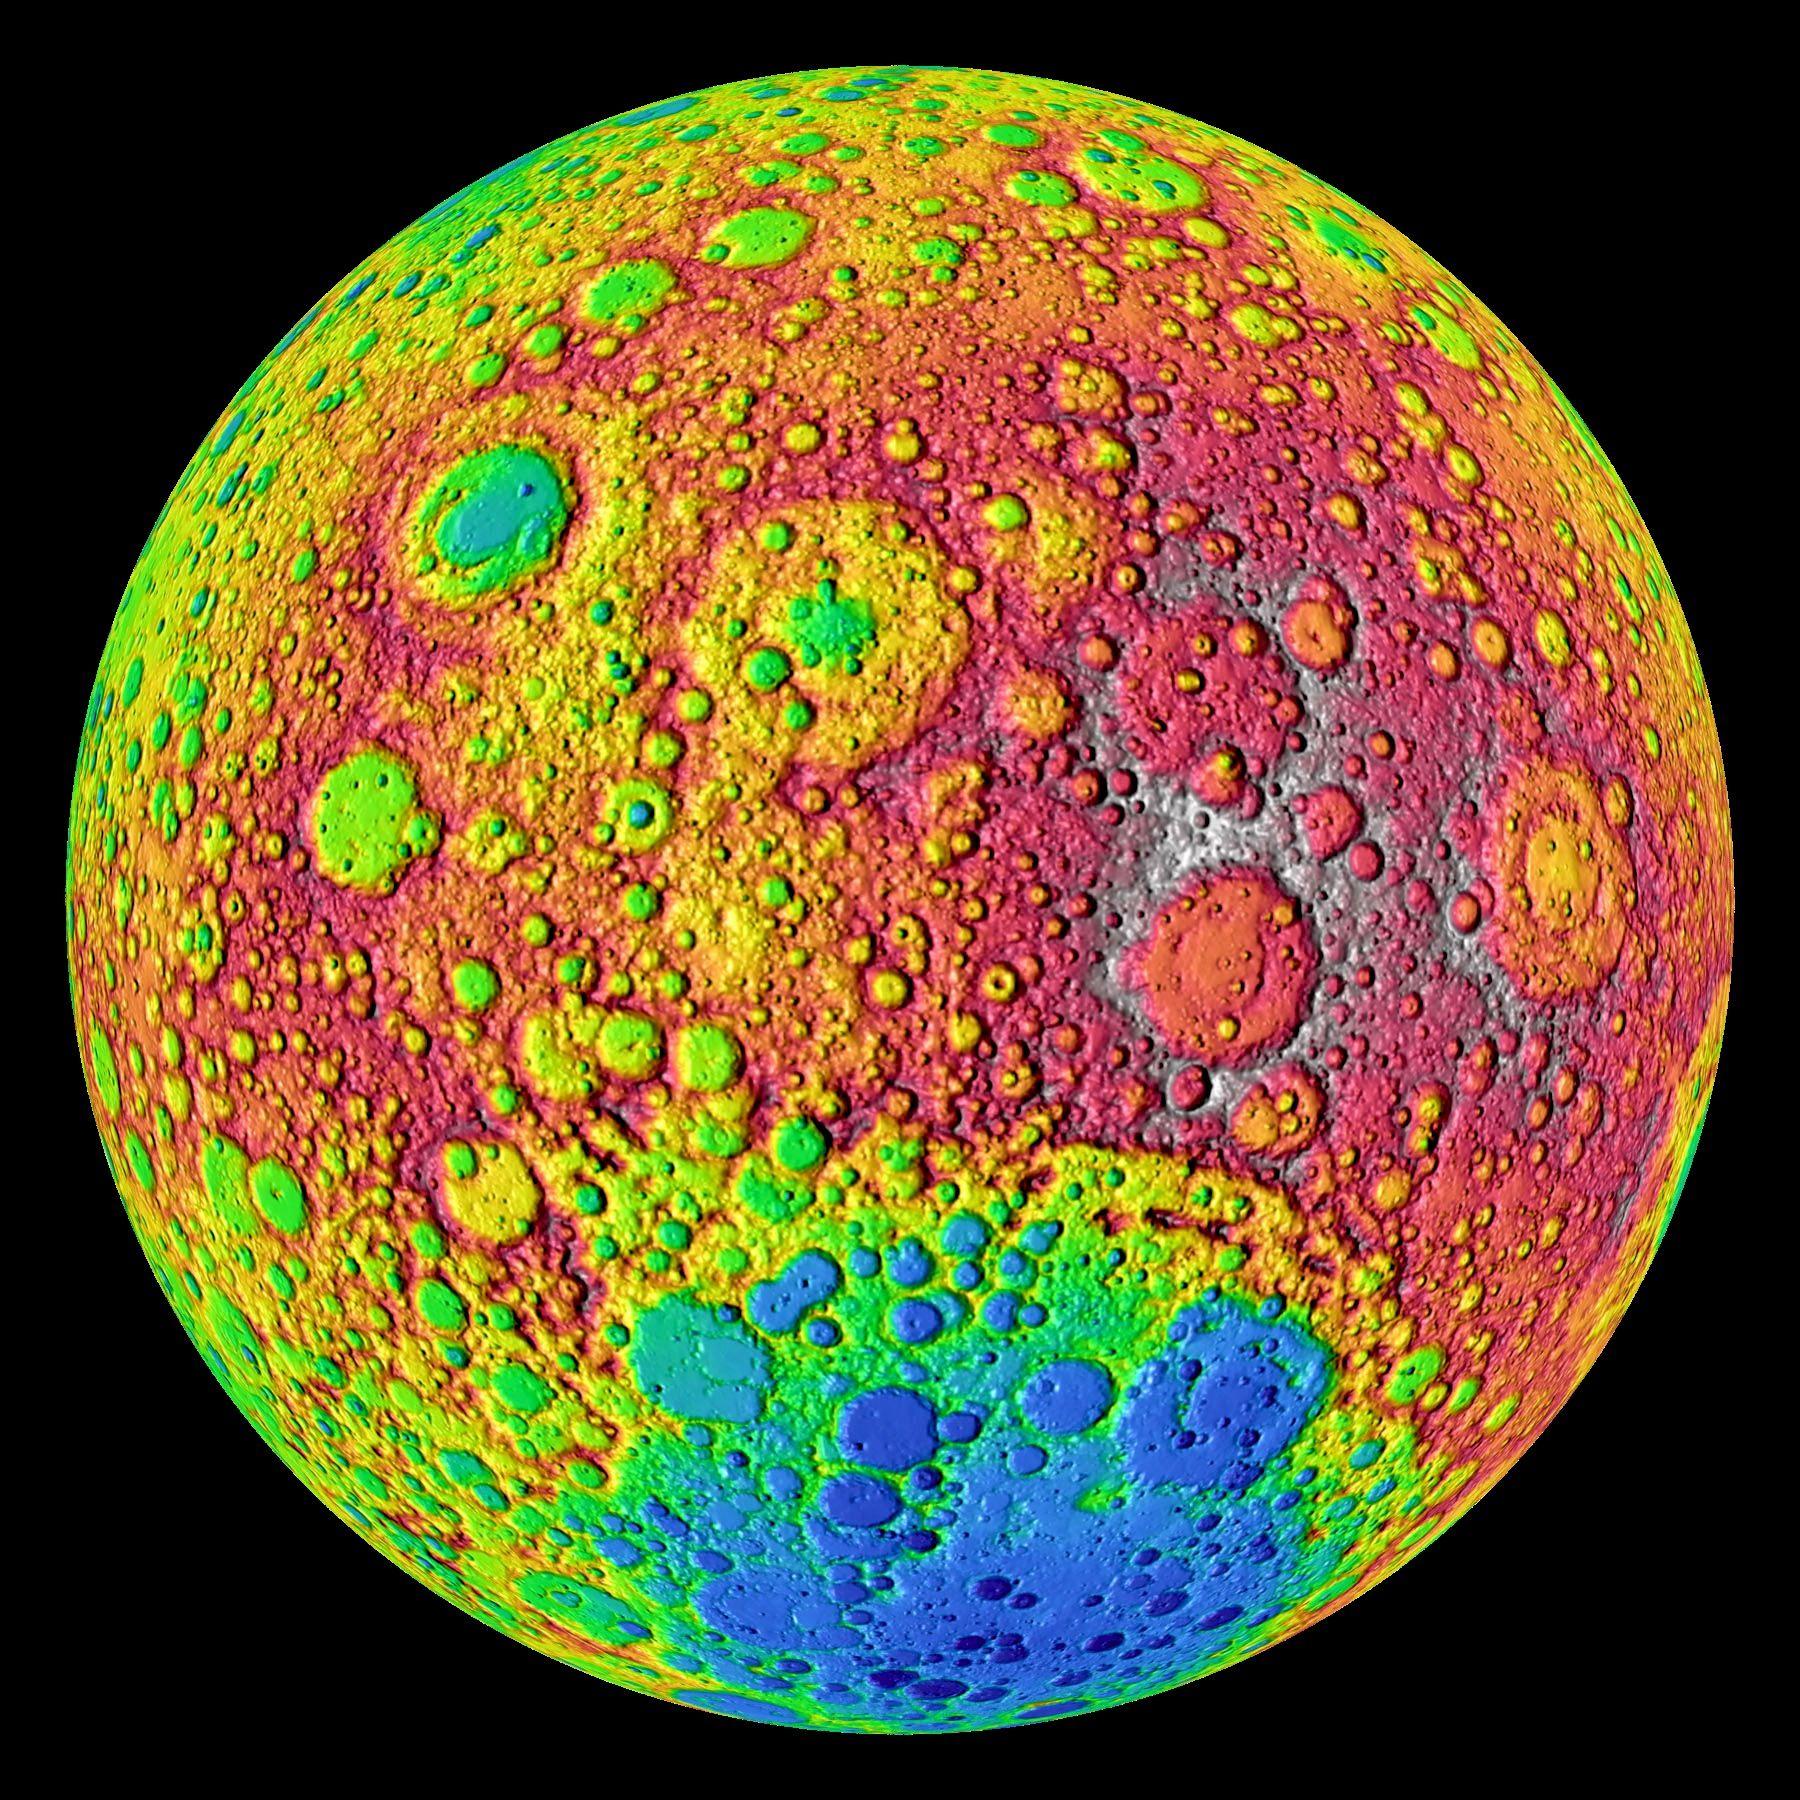 NASAs Lunar Reconnaissance Orbiter Moon Discoveries  Lunar